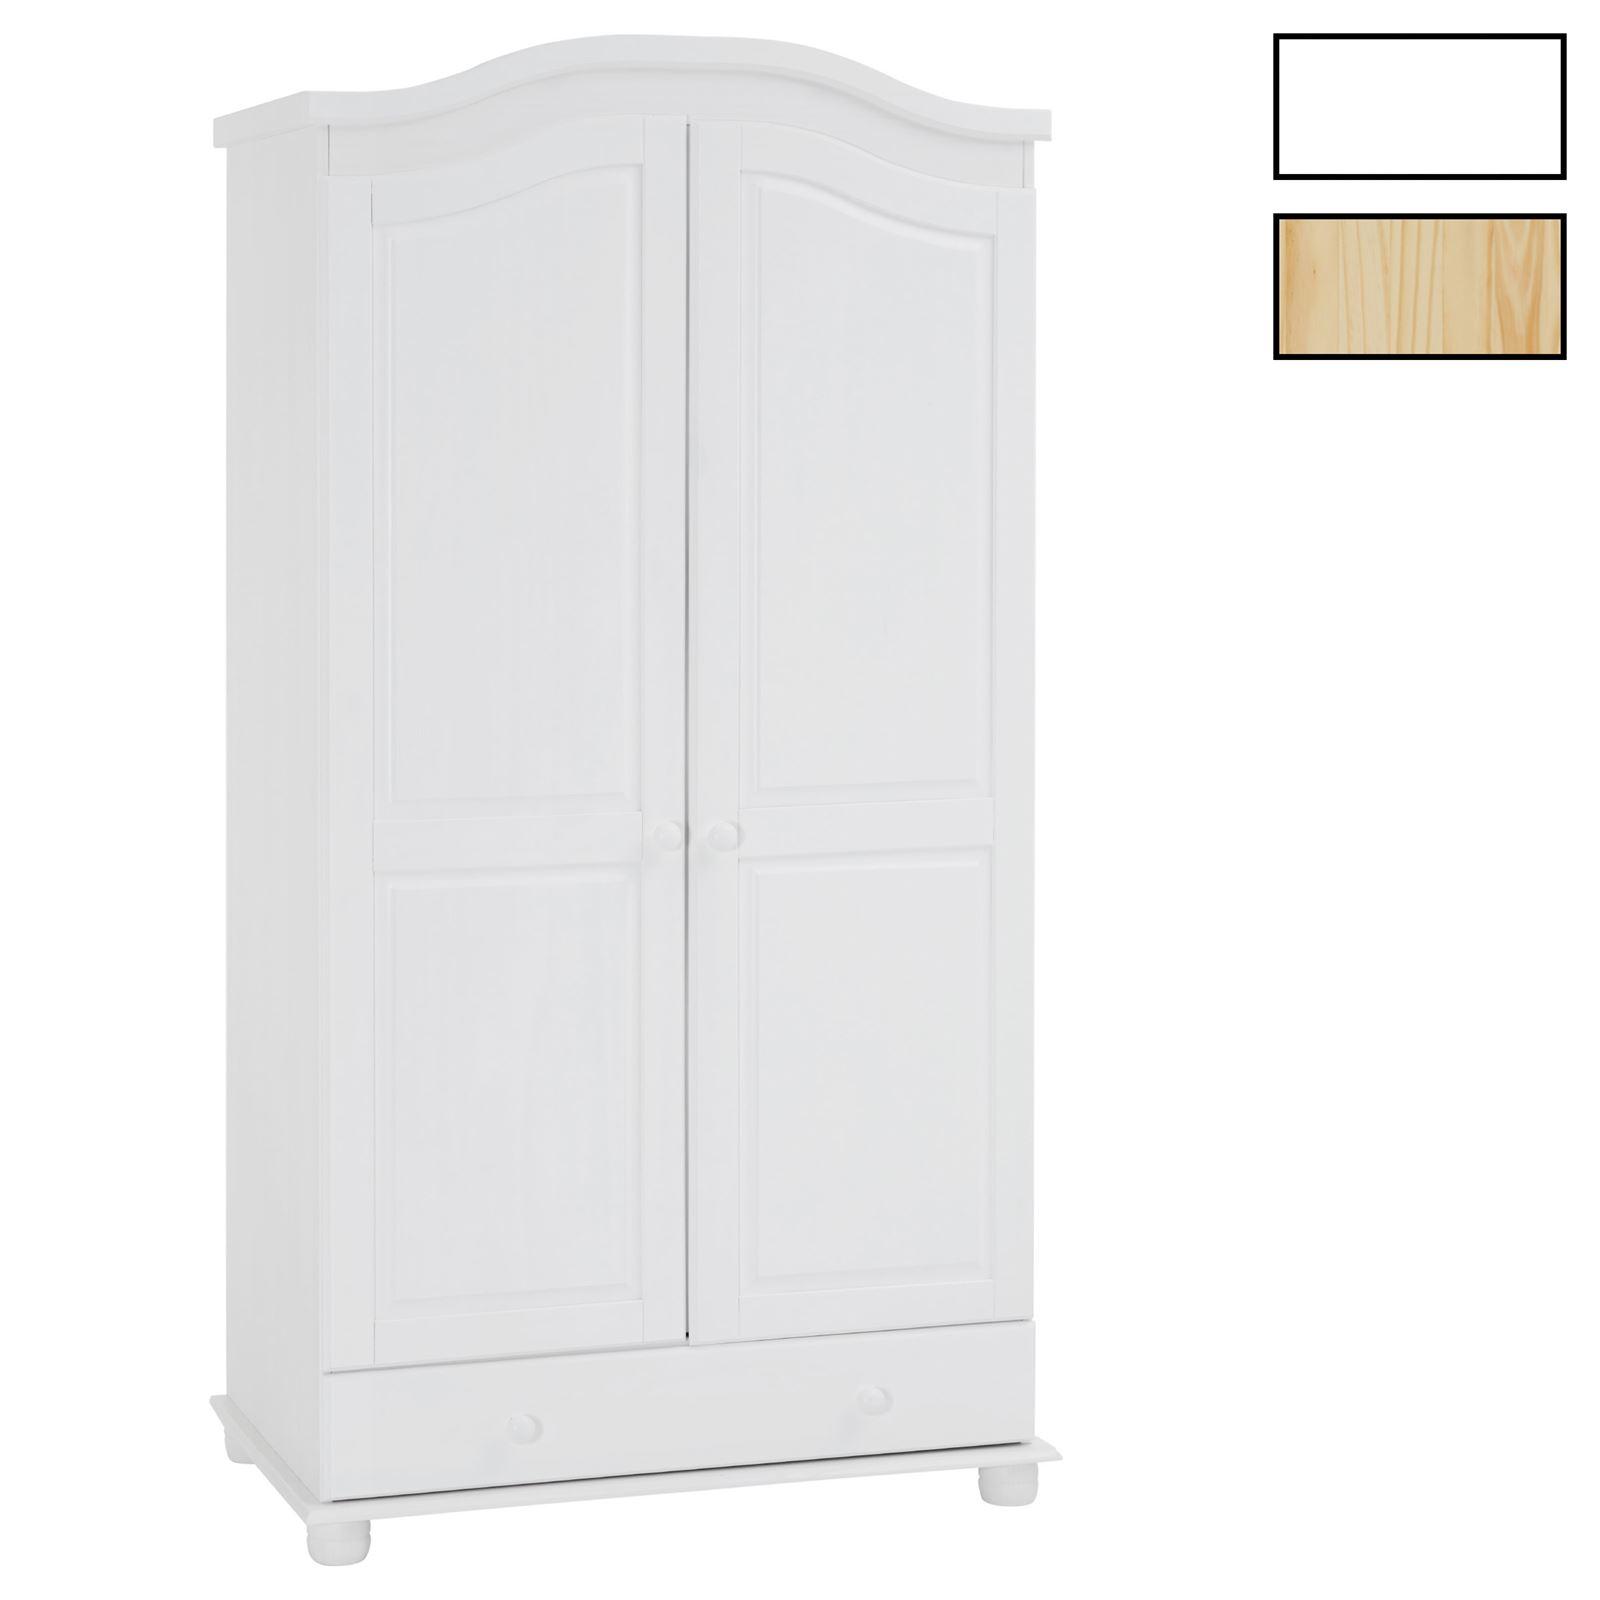 garderobenschrank dielenschrank kleider landhausstil. Black Bedroom Furniture Sets. Home Design Ideas